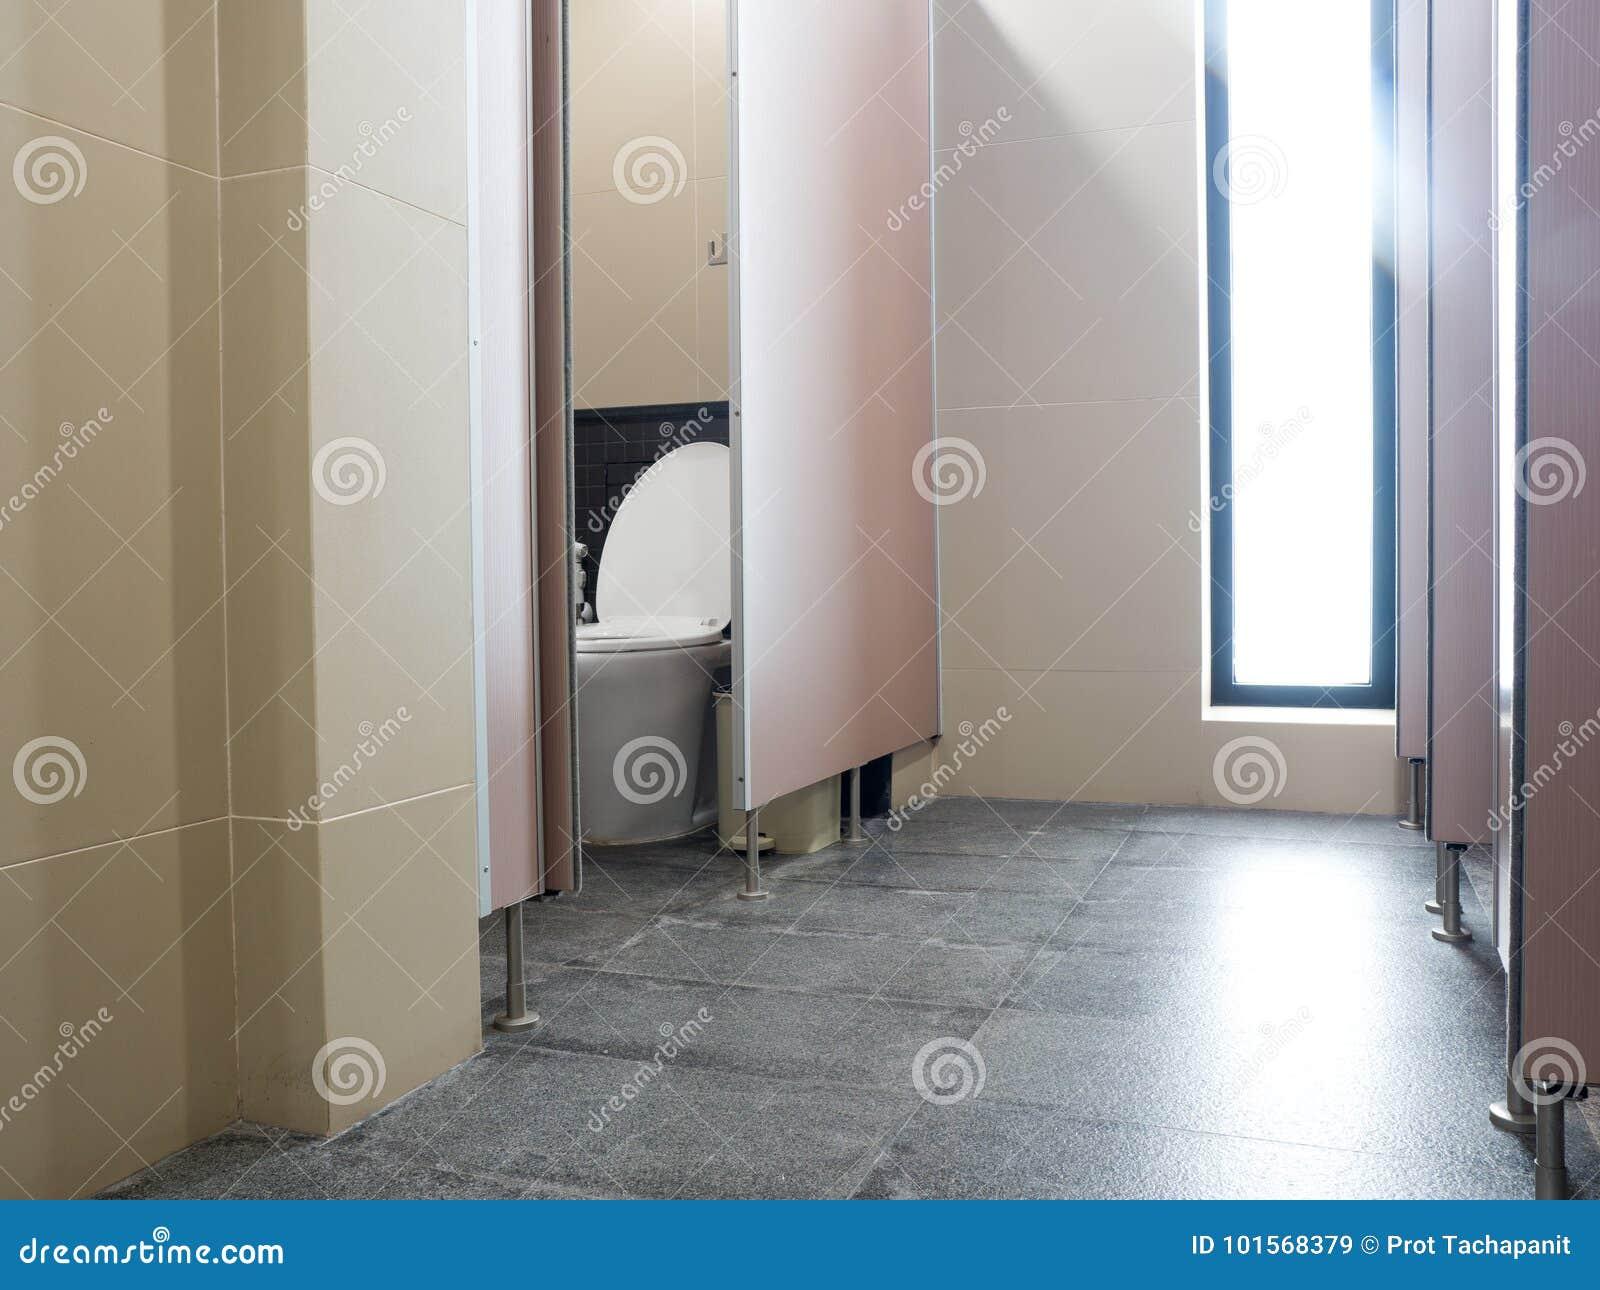 Les tuiles murent dans la toilette de la petite pièce de toilette